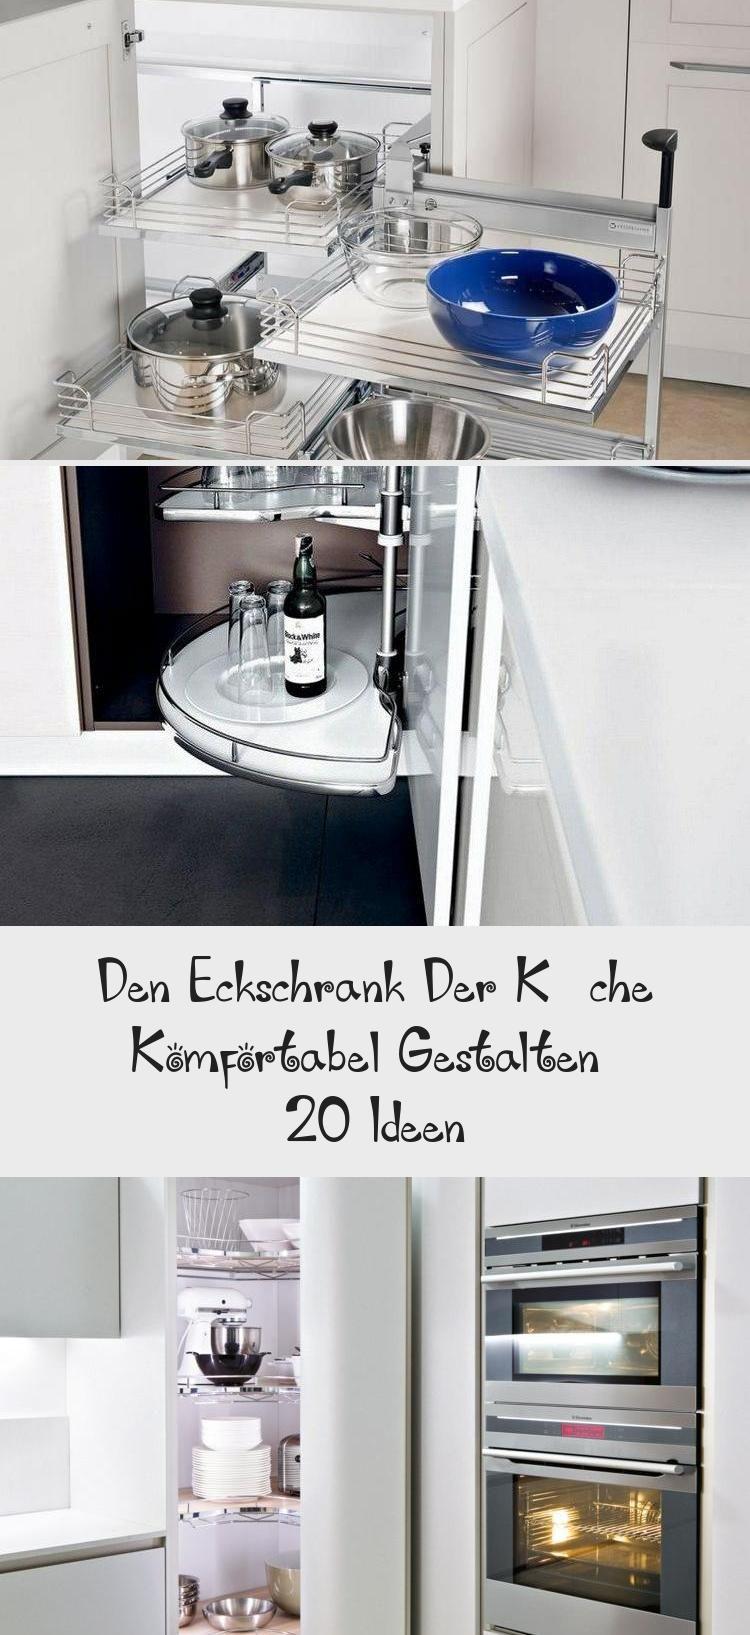 Den Eckschrank Der Kuche Komfortabel Gestalten 20 Ideen With